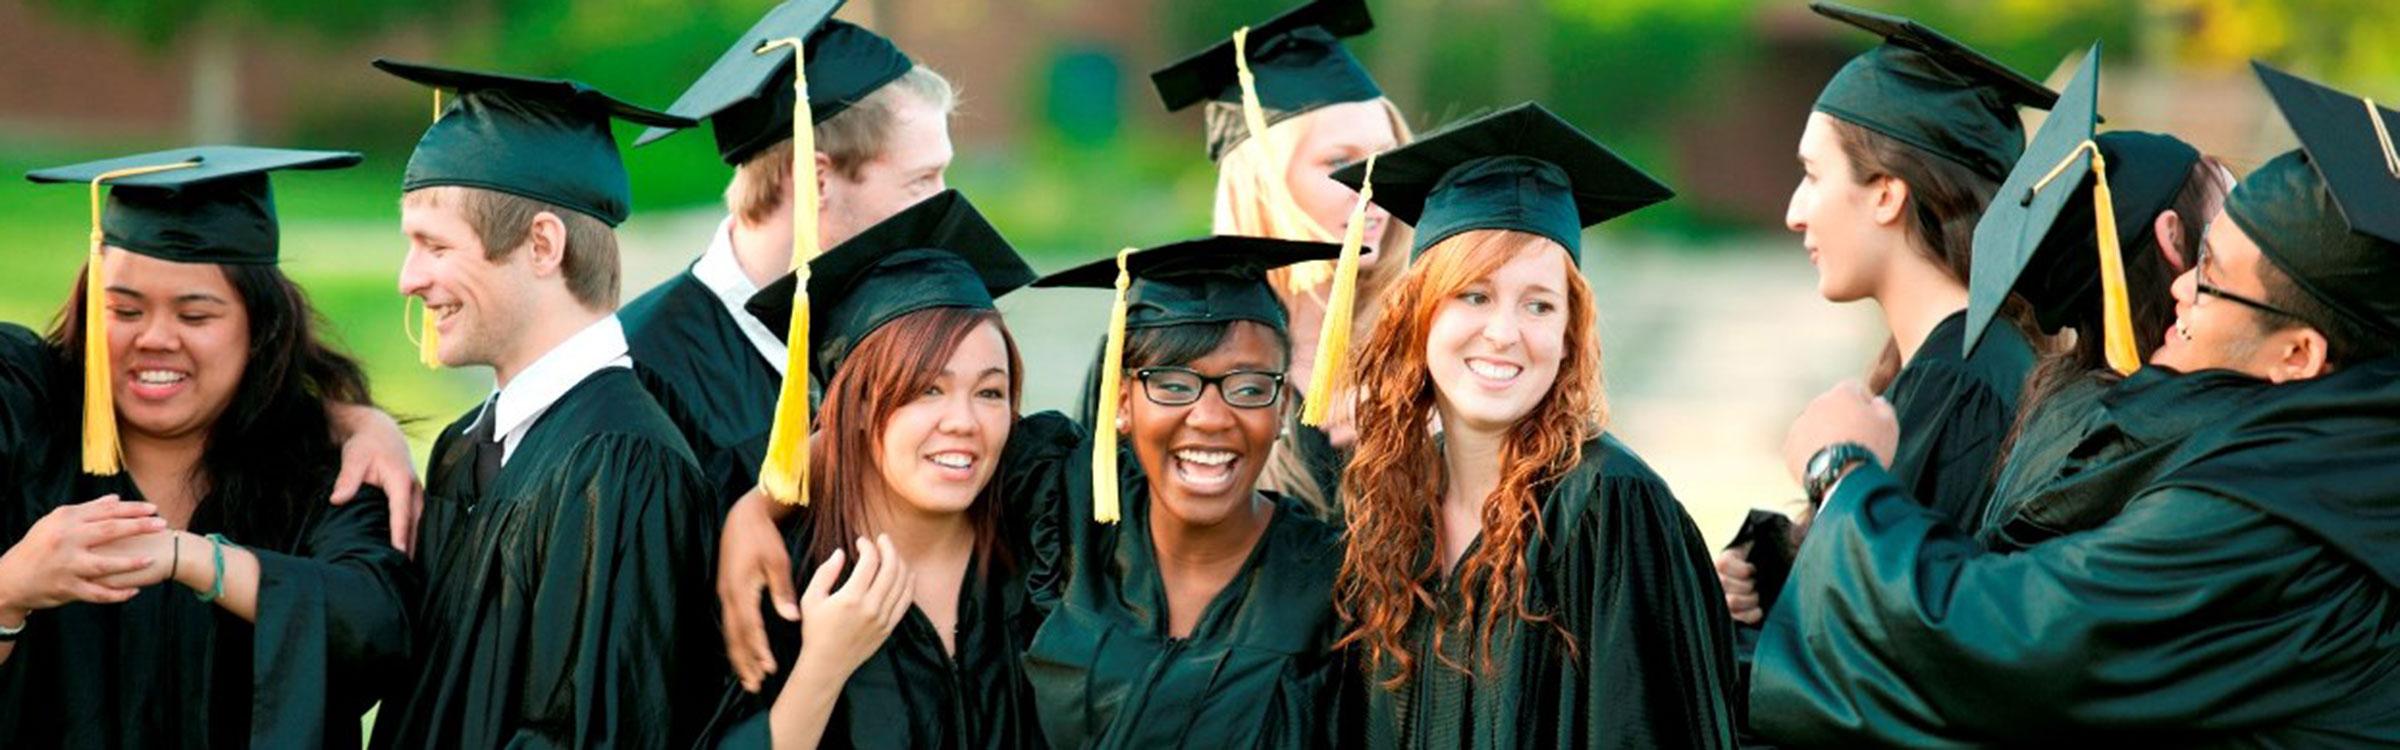 Graduates cover